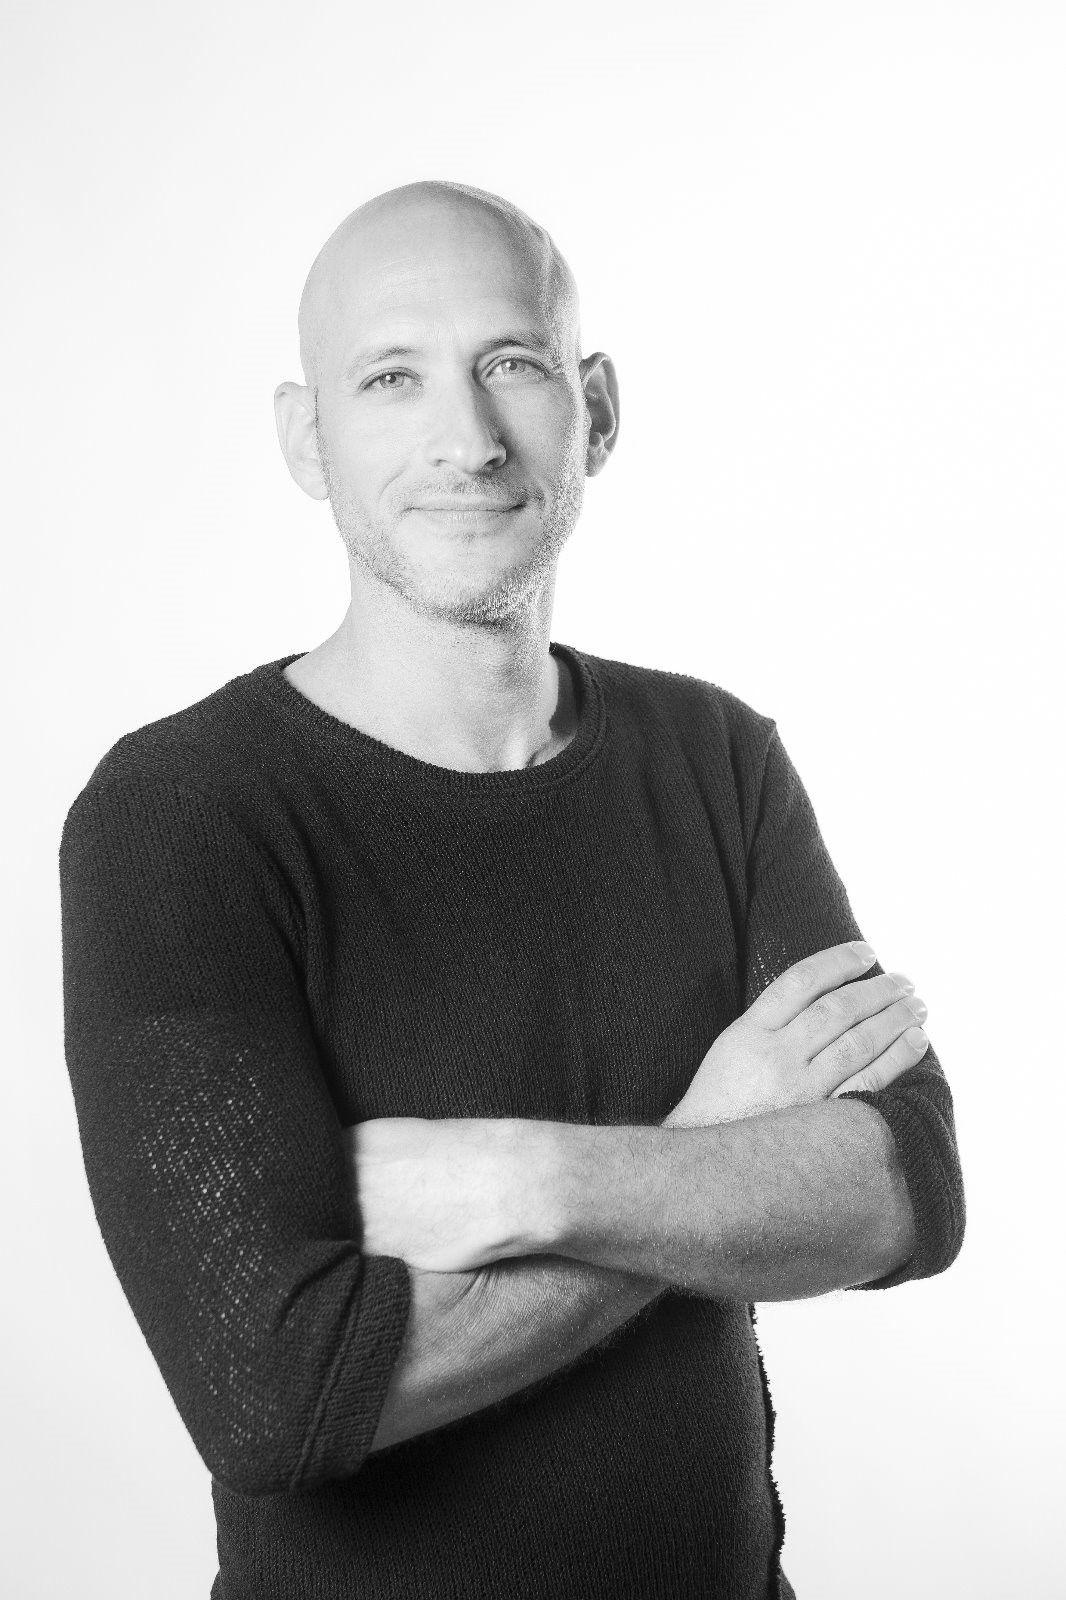 מעצב הפנים ניצן הורוביץ, צילום רויטל מיקלס